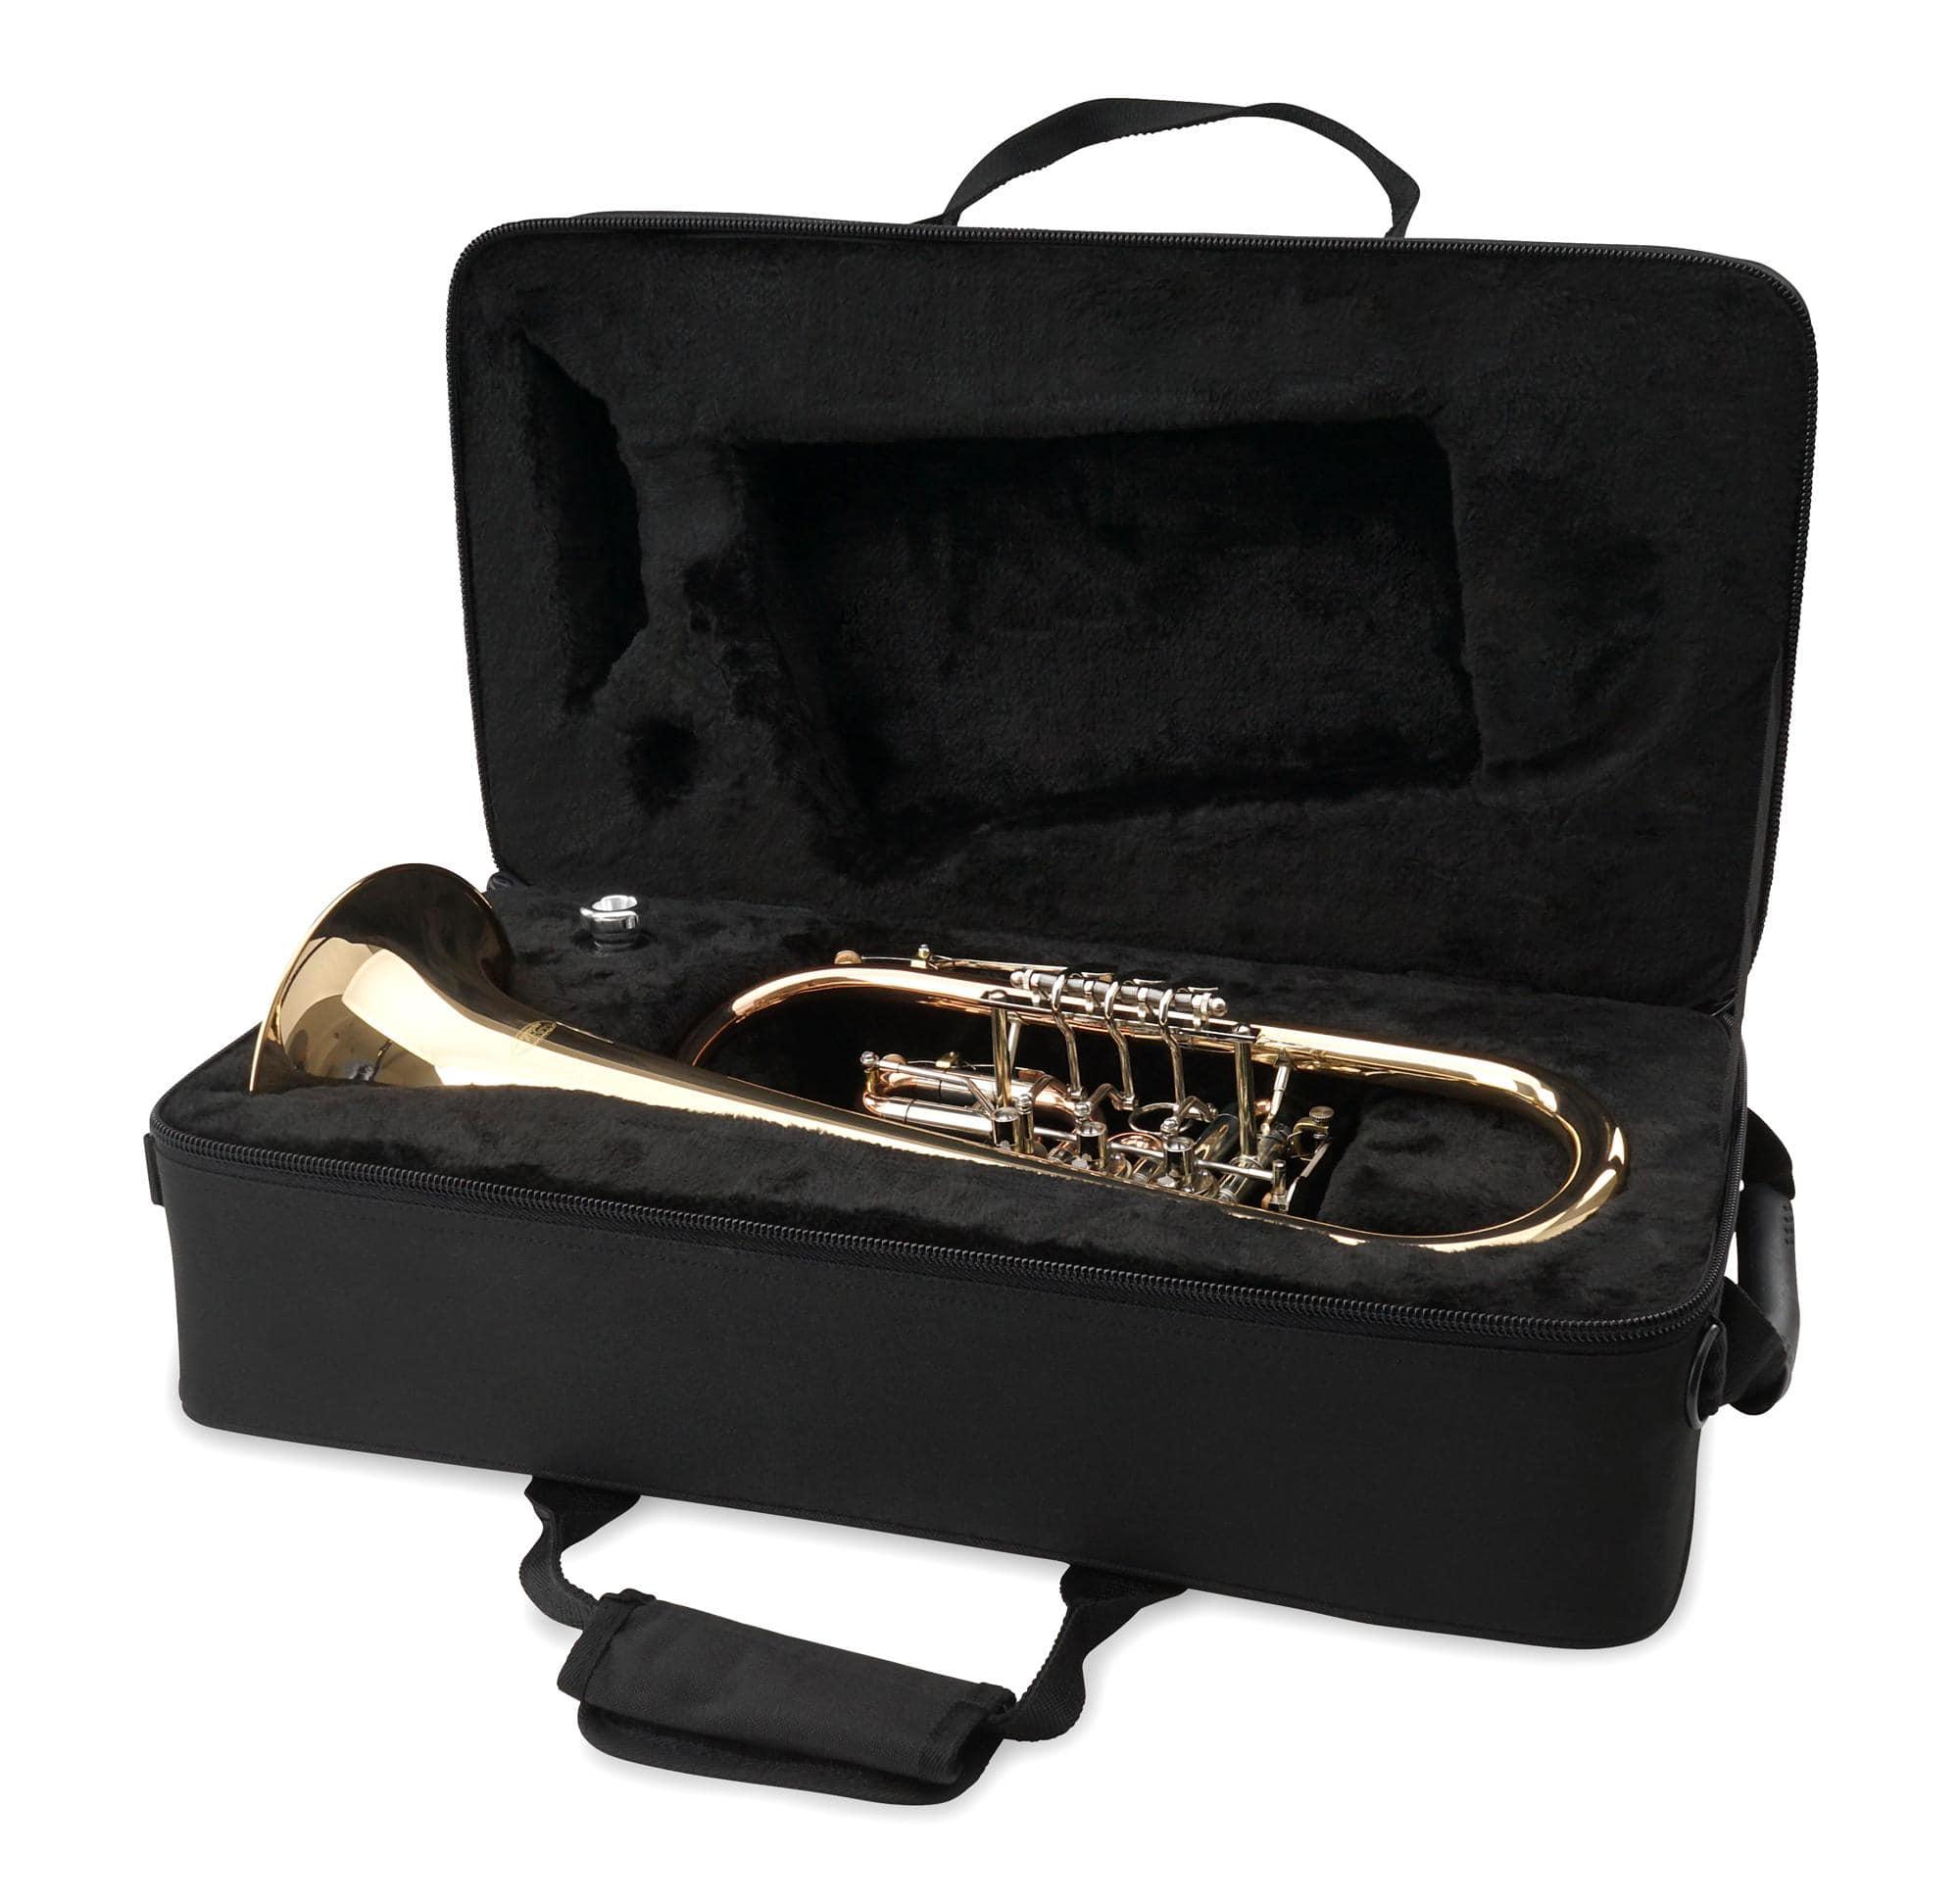 Blasinstrumente Rucksackkoffer Wunderschönes Flügelhorn mit Schallstück aus Goldmessing inkl